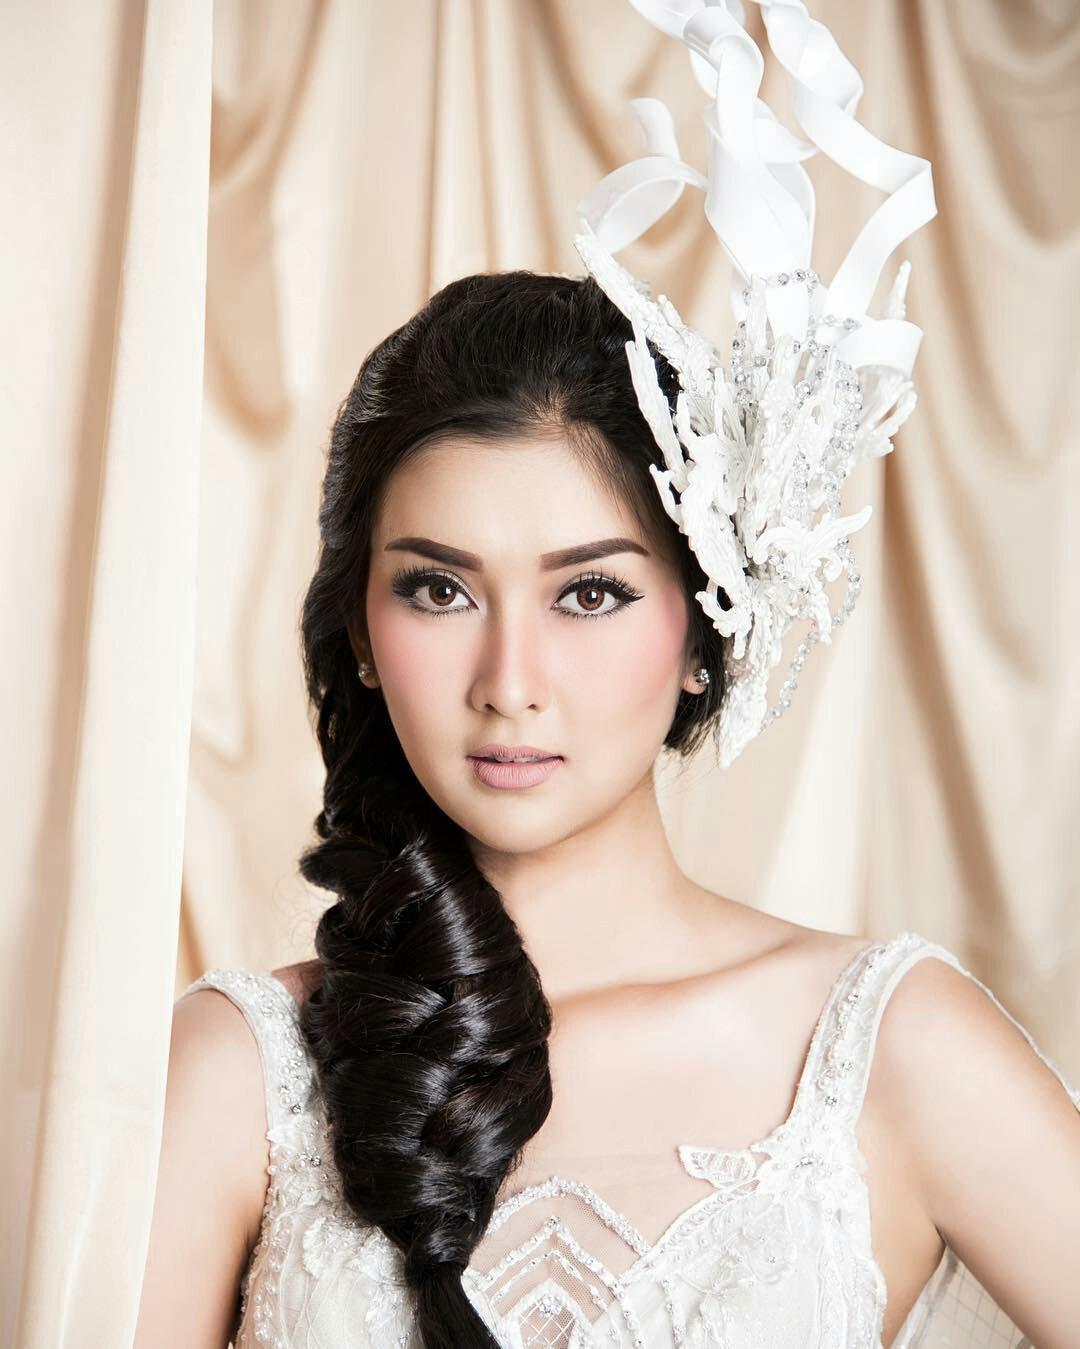 Nhan sắc xinh đẹp của đại diện Indonesia, cô gái đánh bại hơn 70 đối thủ vừa đăng quang Miss International 2017 - Ảnh 5.